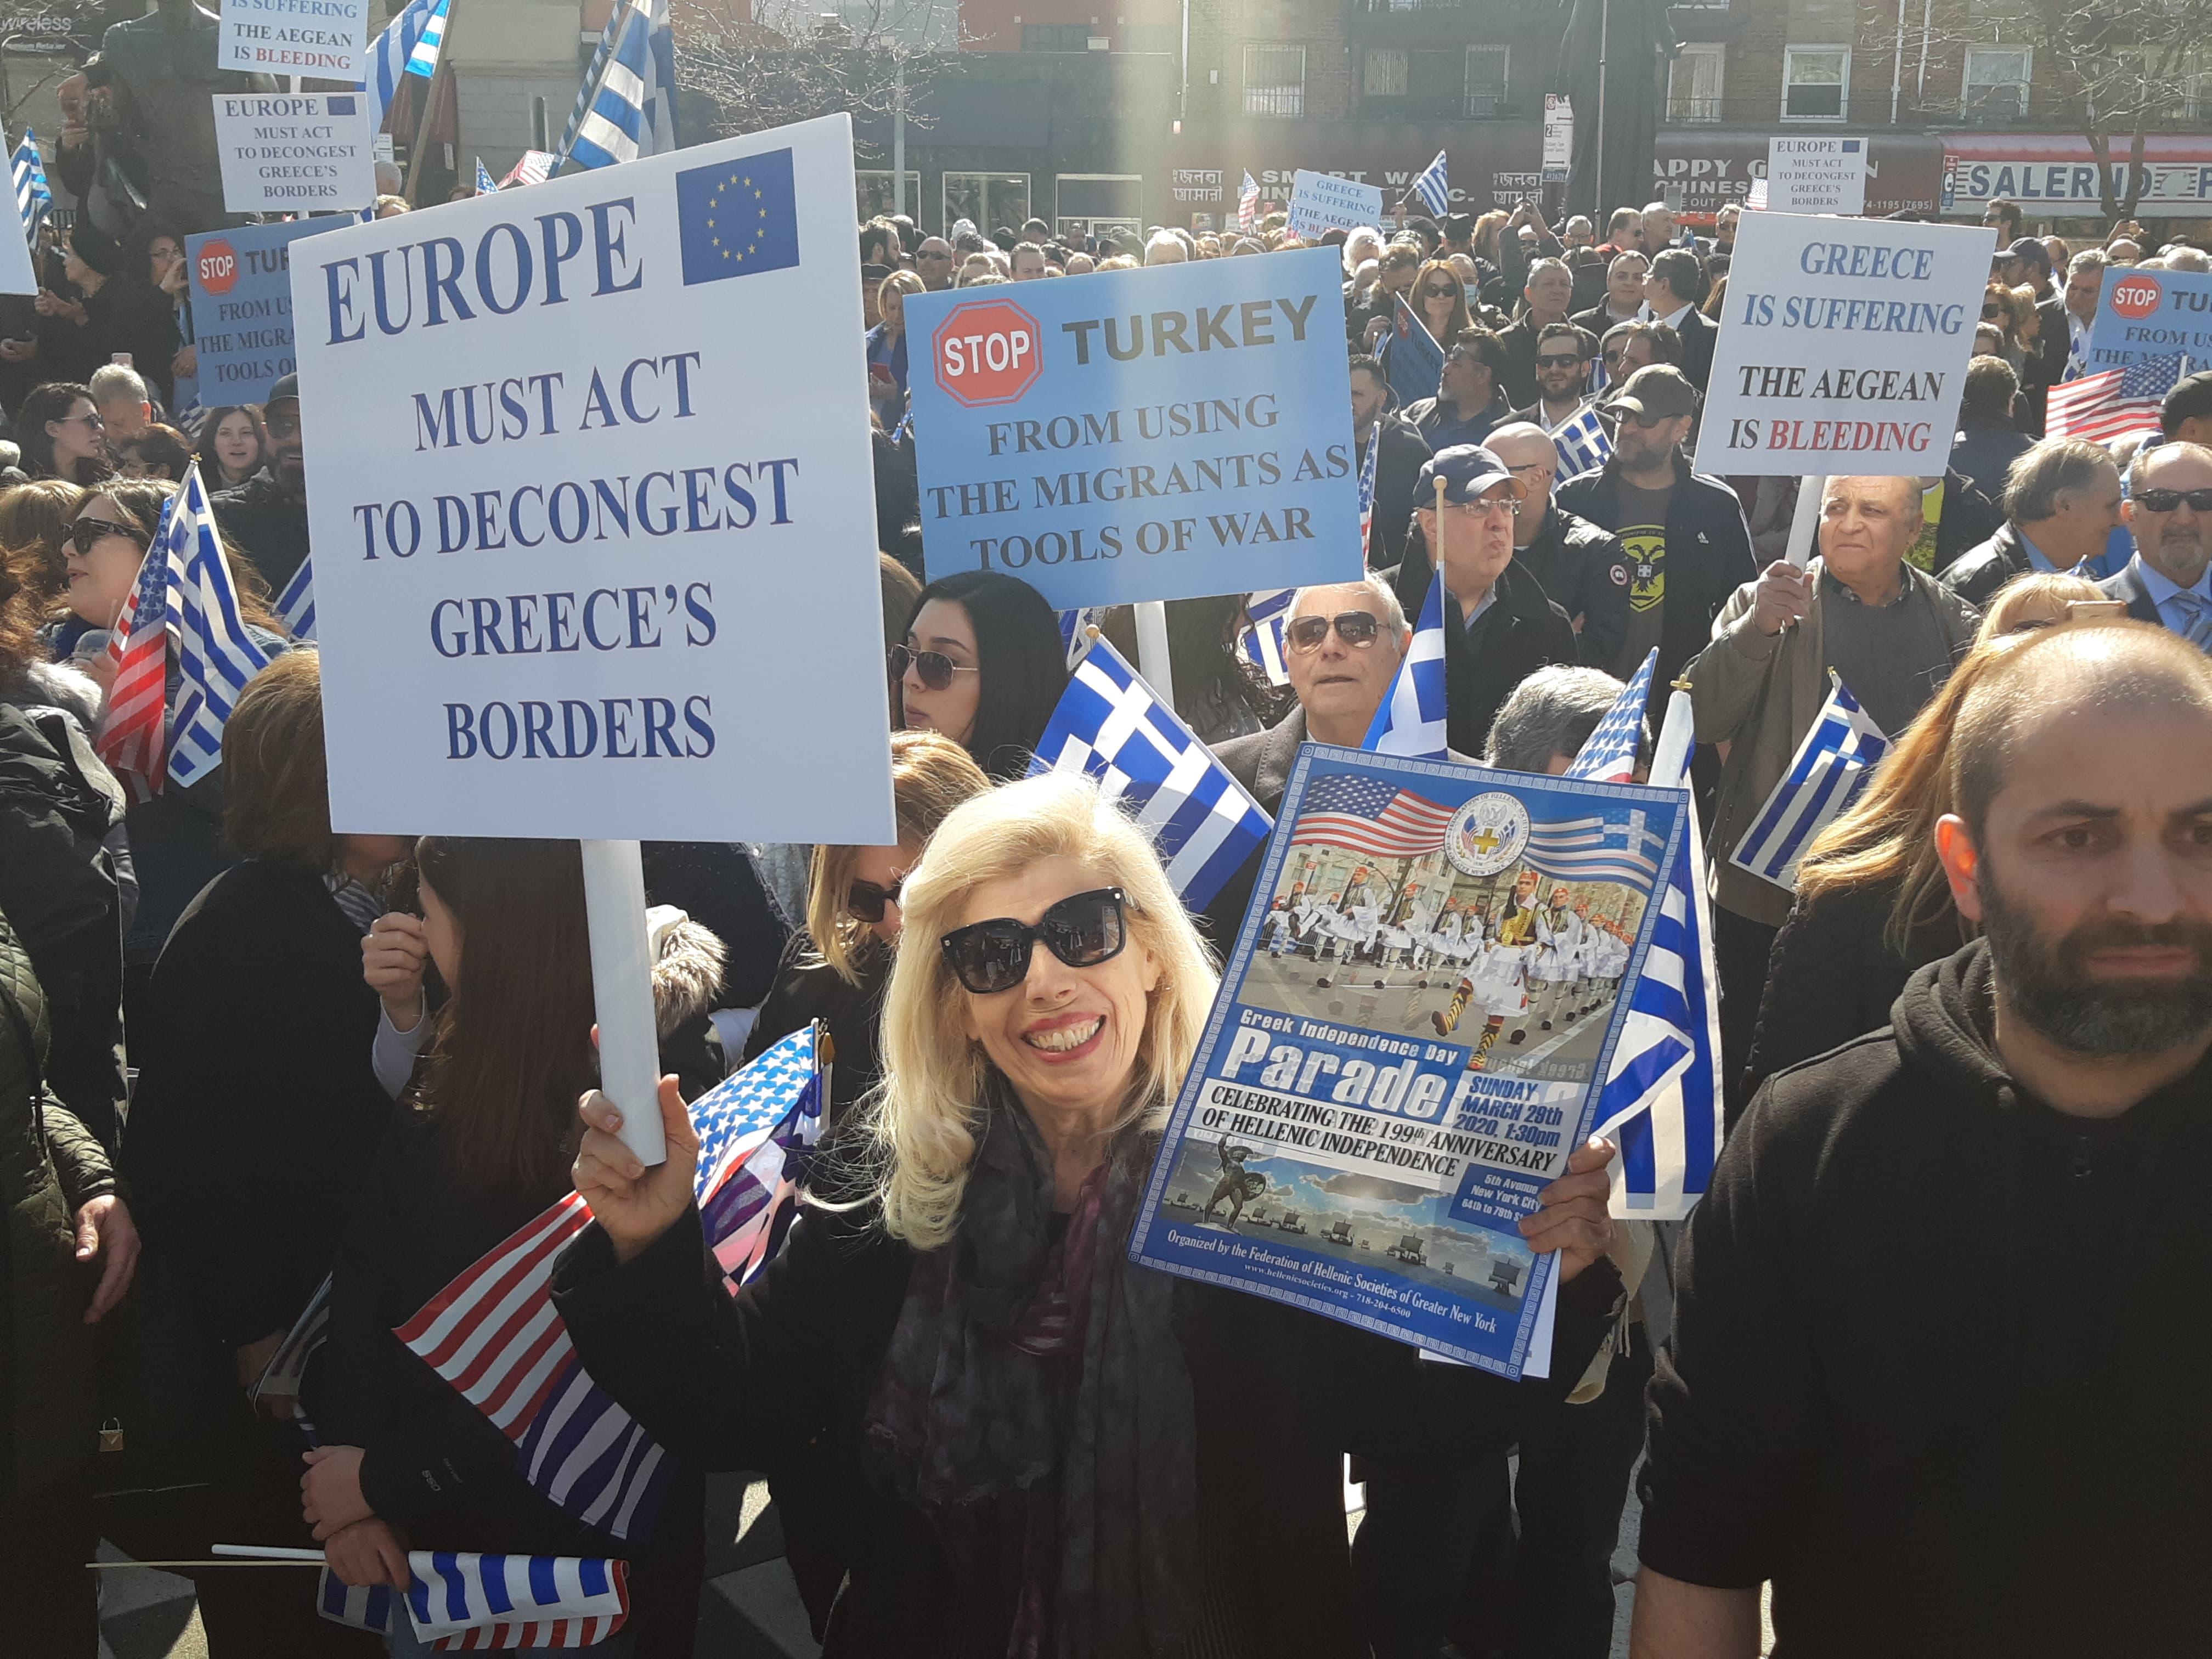 Ελληνες ομογενείς στην πλατεία Αθηνών της Αστόριας